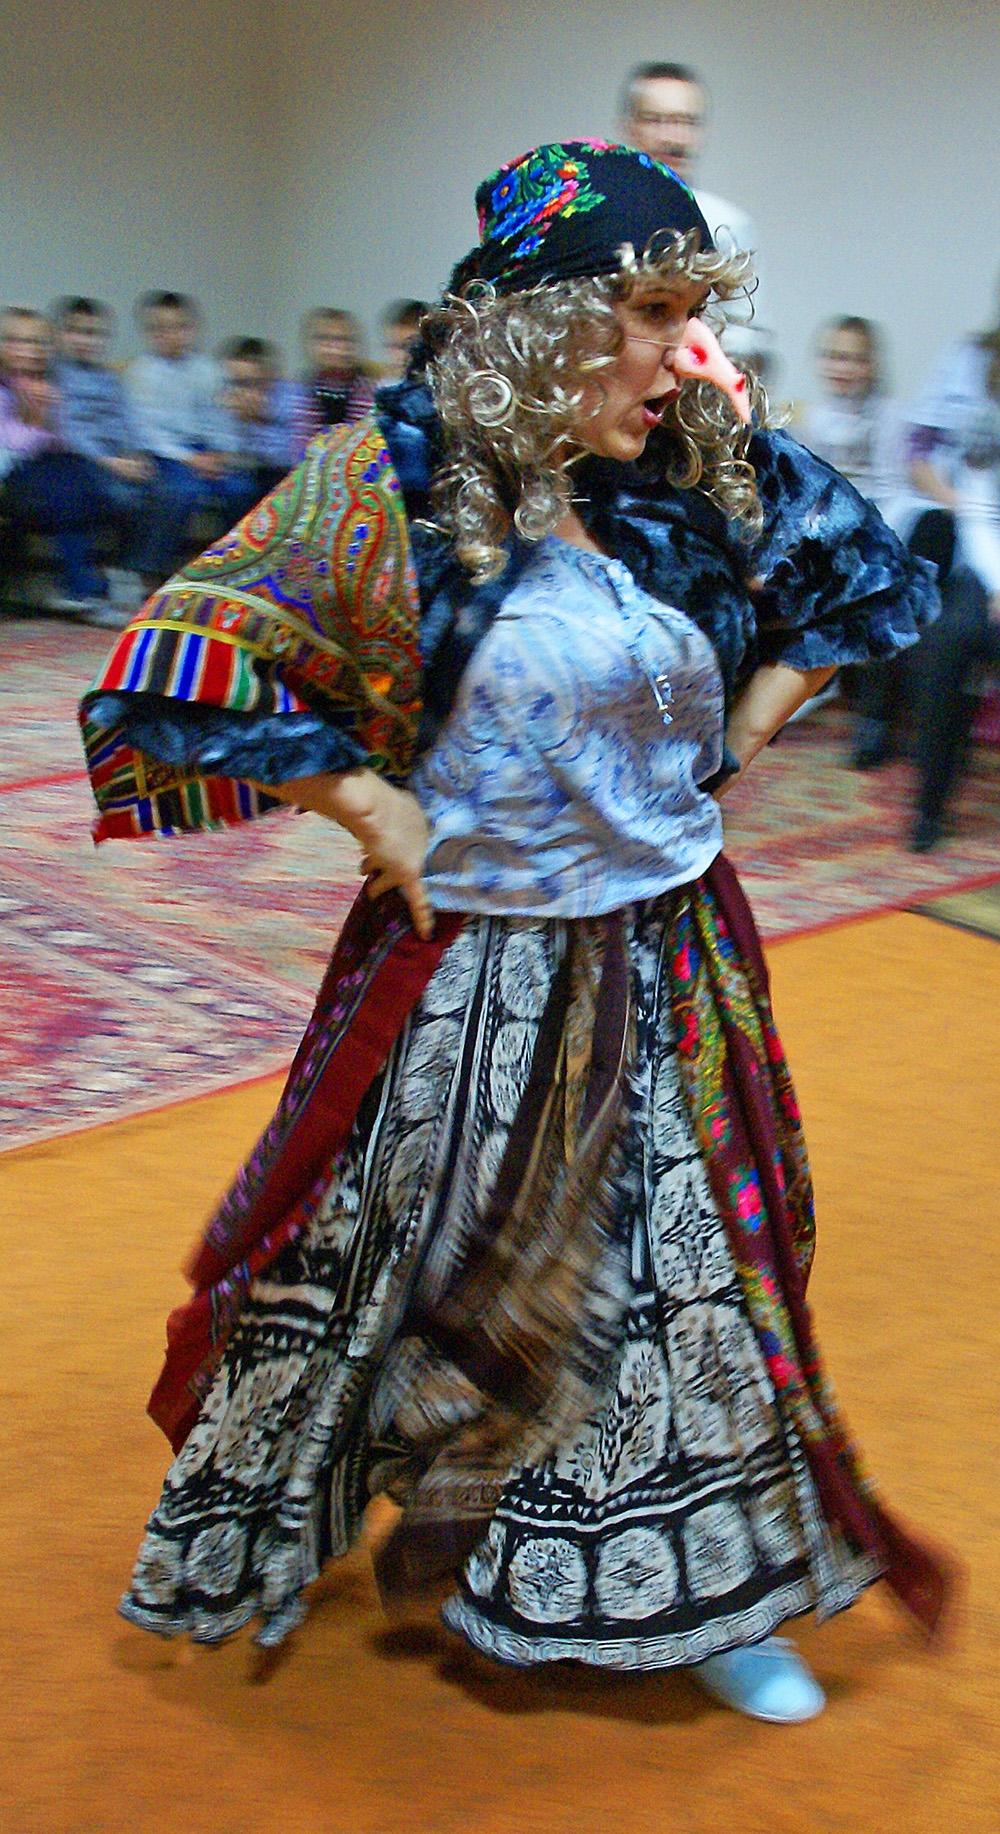 Die Hexe Baba Yaga führt die Kinder durch das Programm der Veranstaltung.